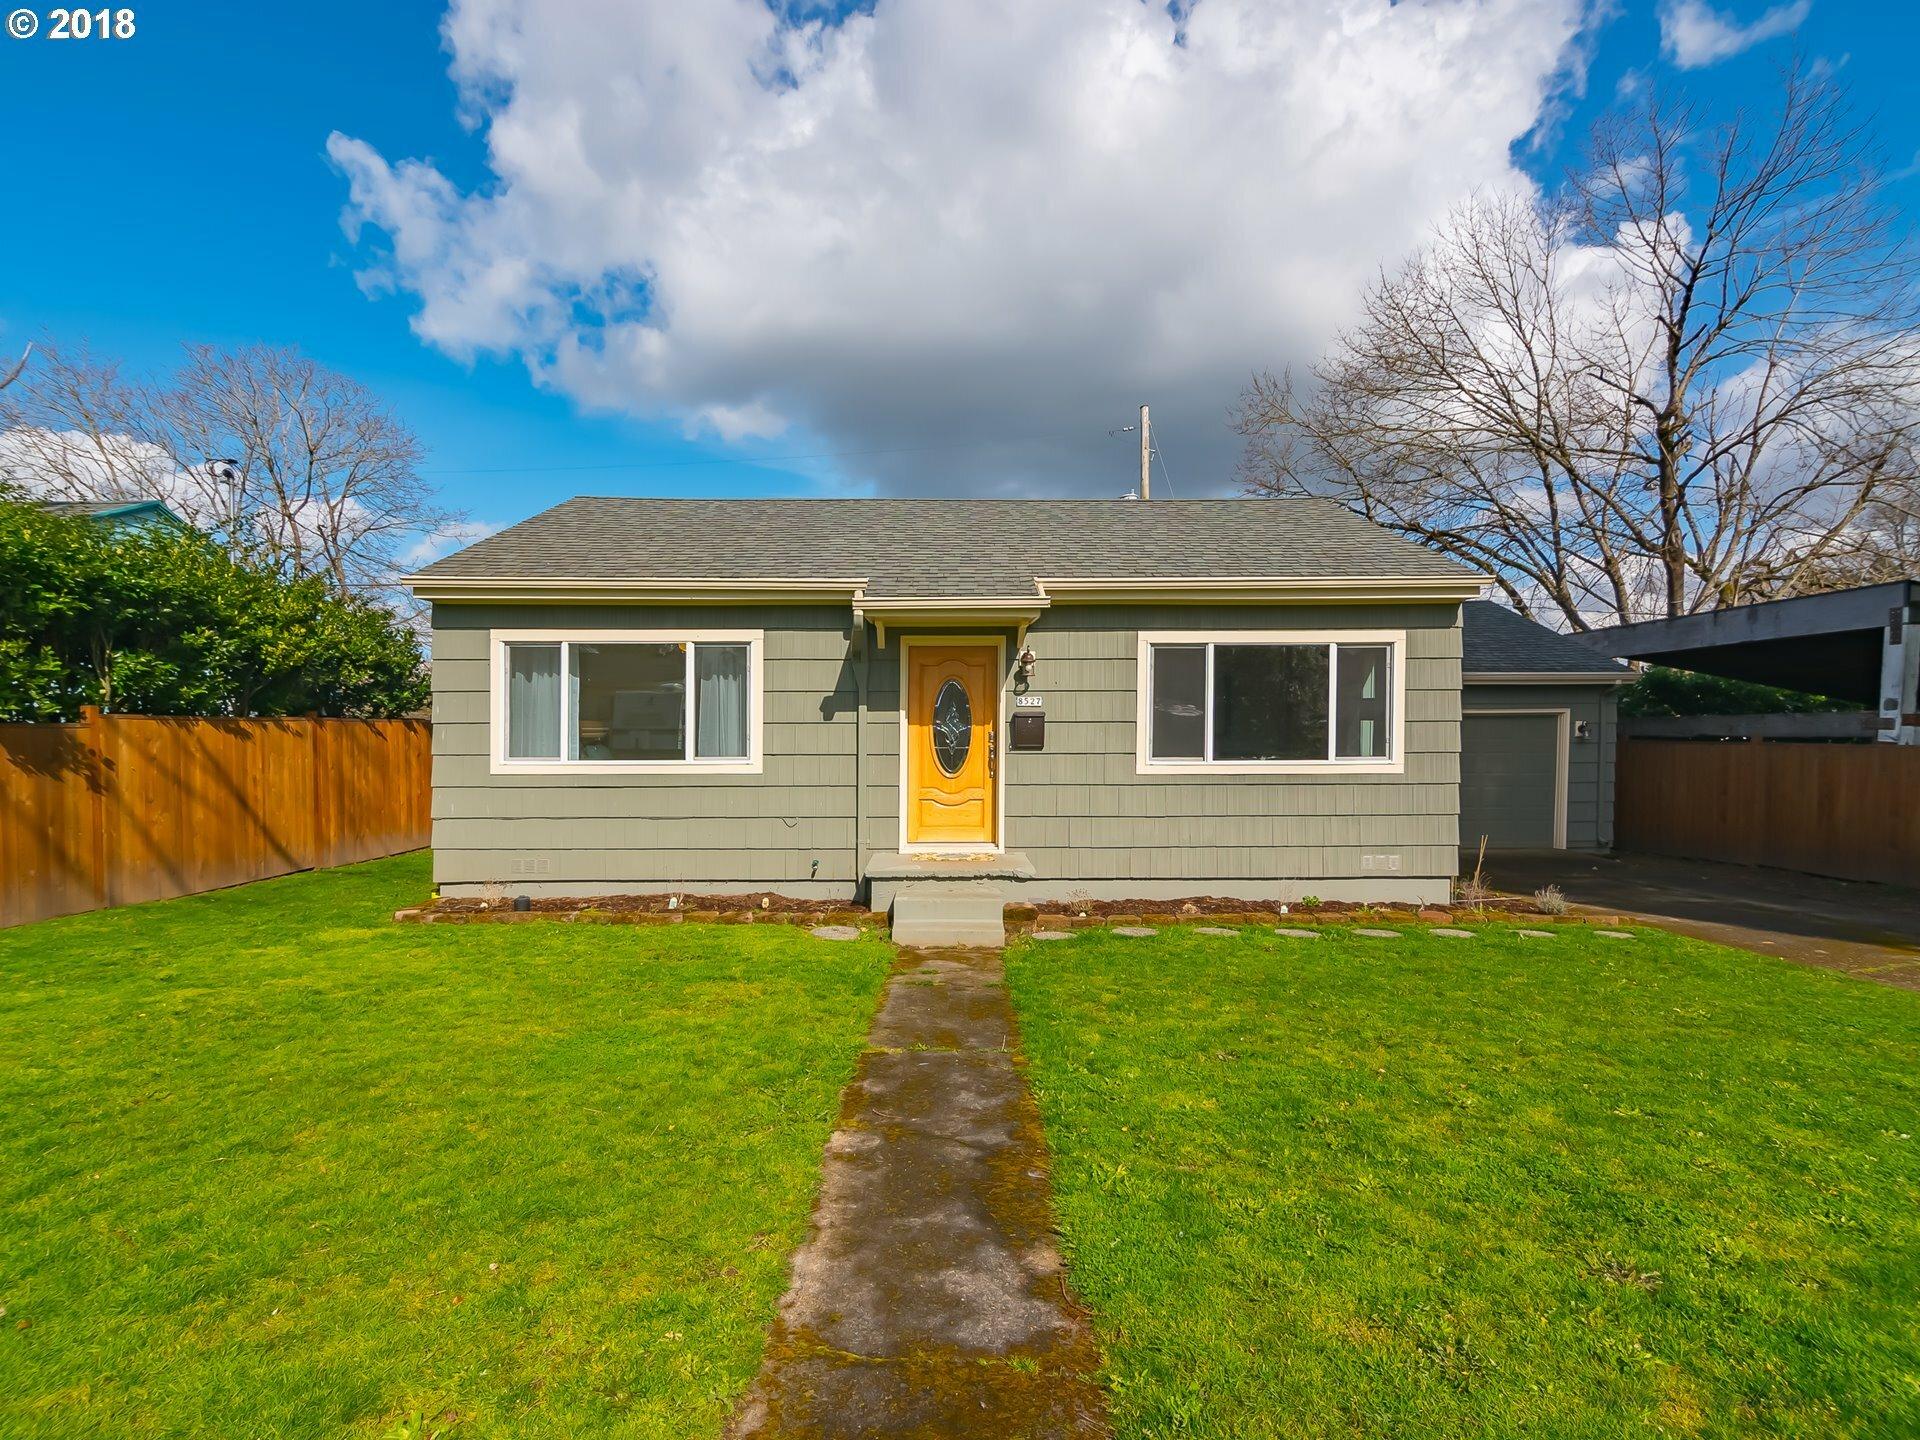 8527 Ne Humboldt St, Portland, OR - USA (photo 1)